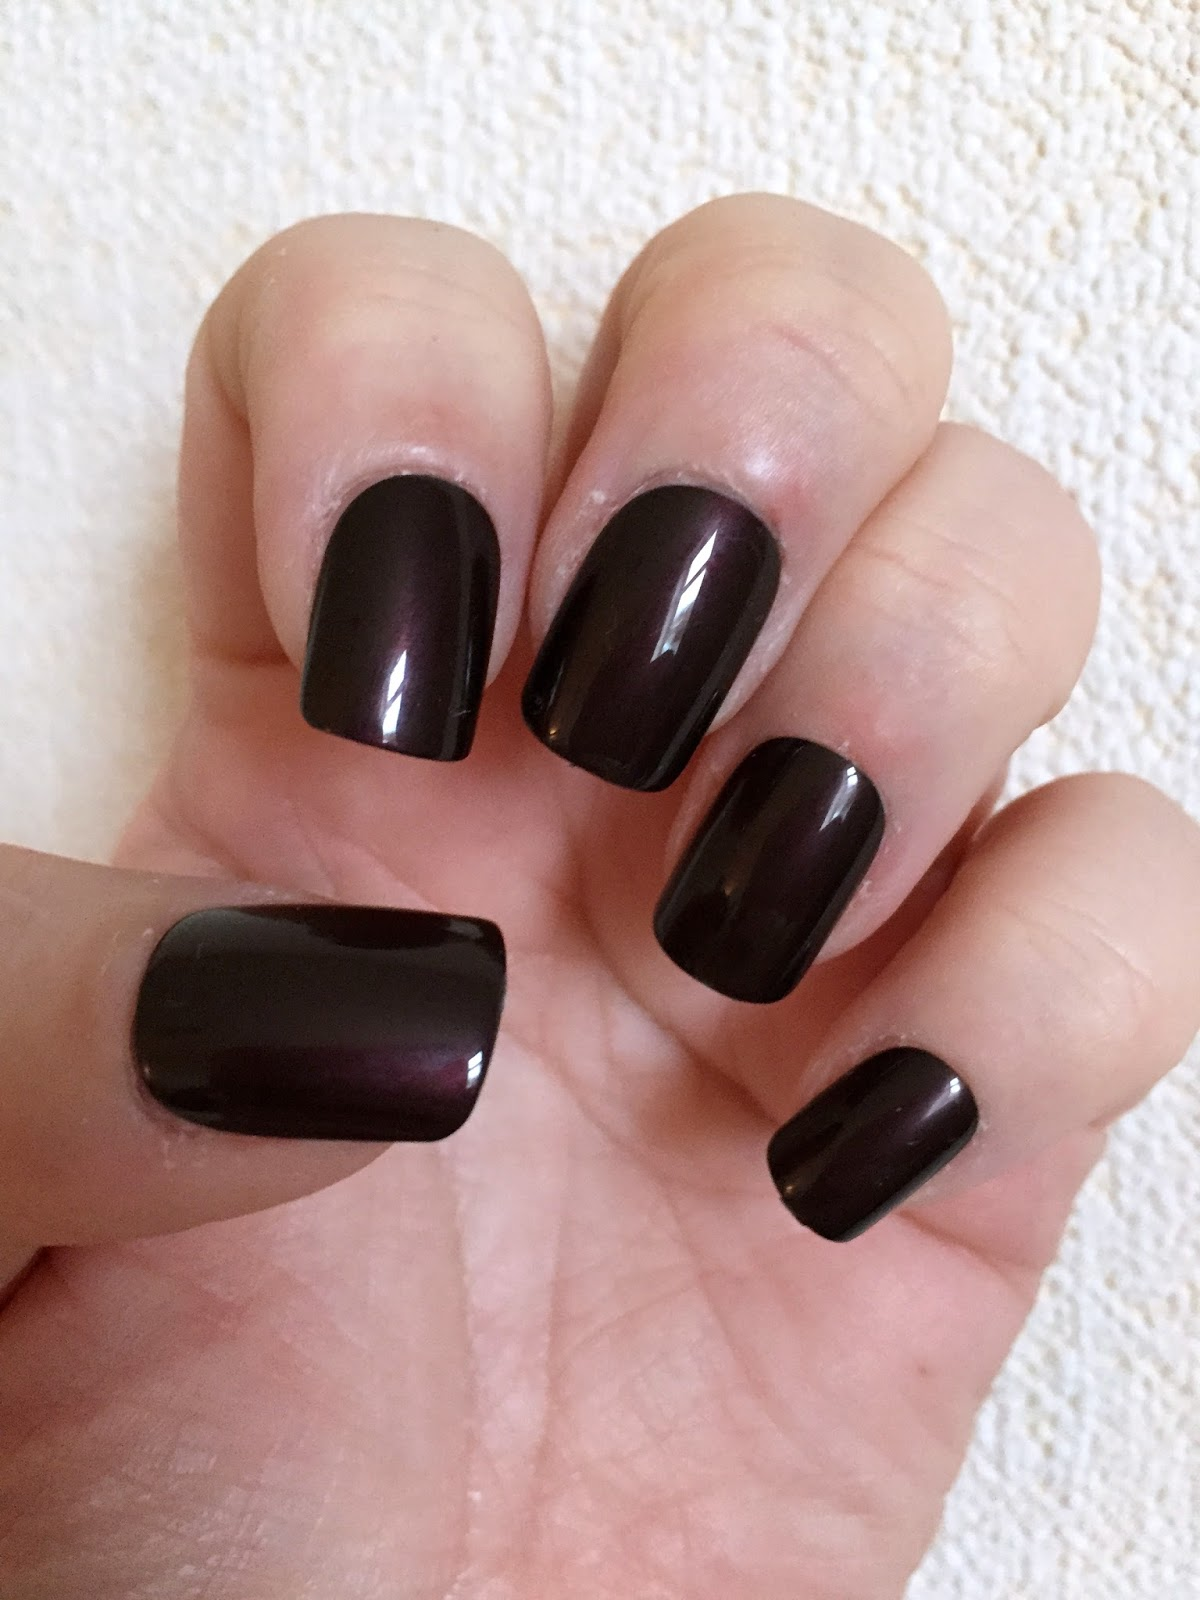 Kiss Gel Fantasy Nails - Mammaful Zo: Beauty, Fashion, Lifestyle